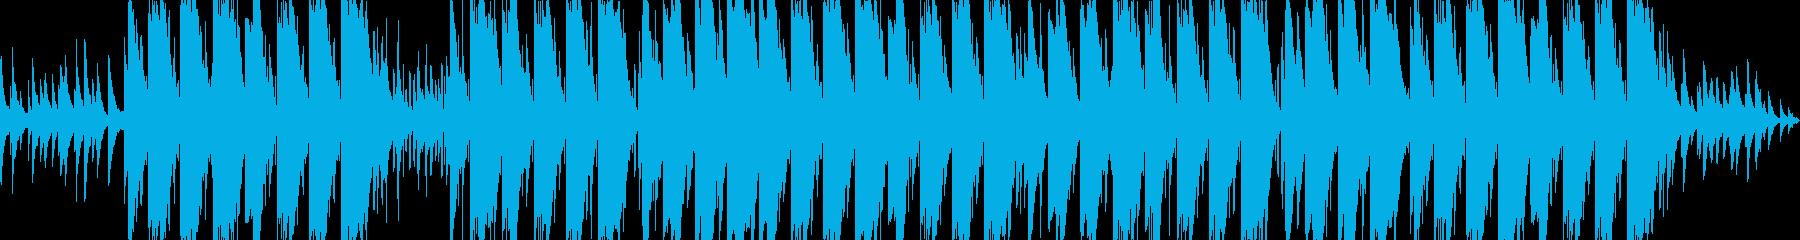 切ないピアノのエモトラップの再生済みの波形